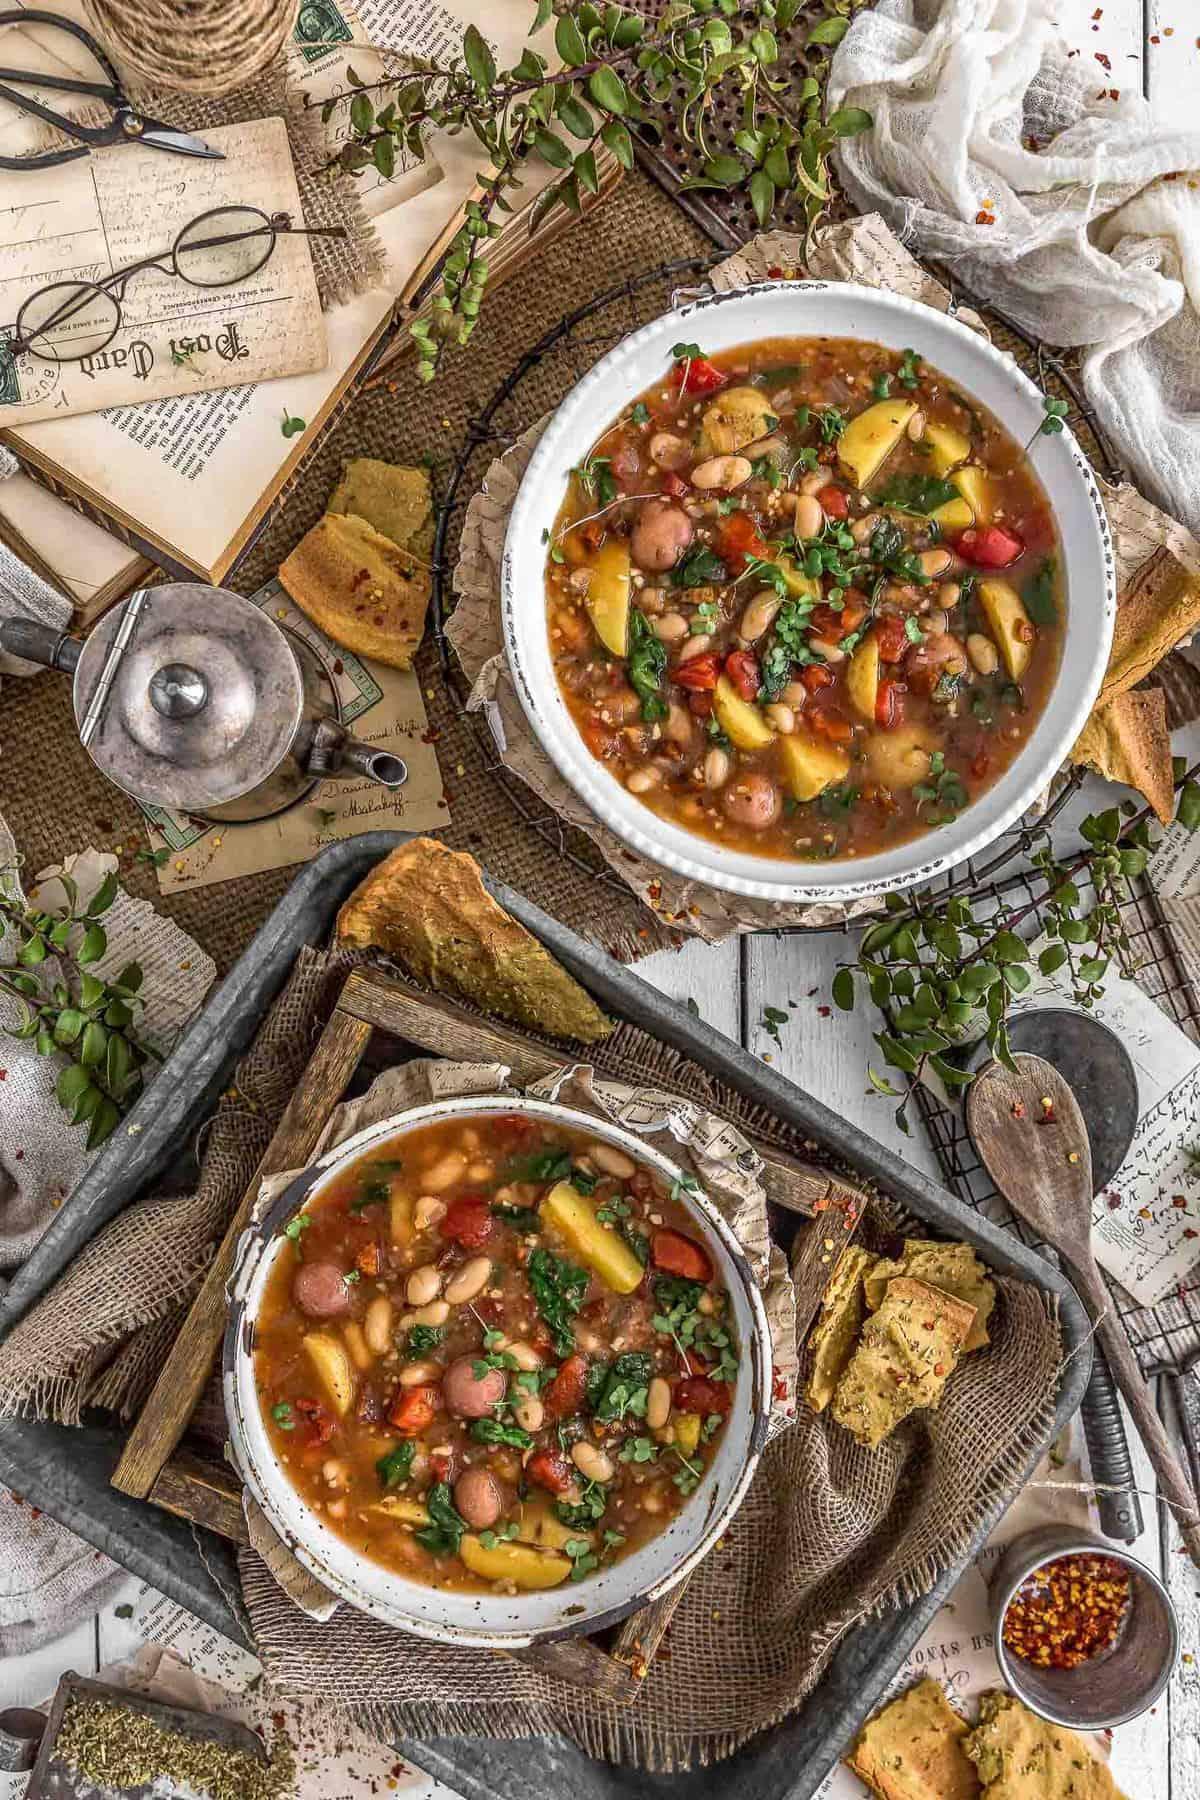 Tablescape of Italian Sundried Tomato Potato Soup